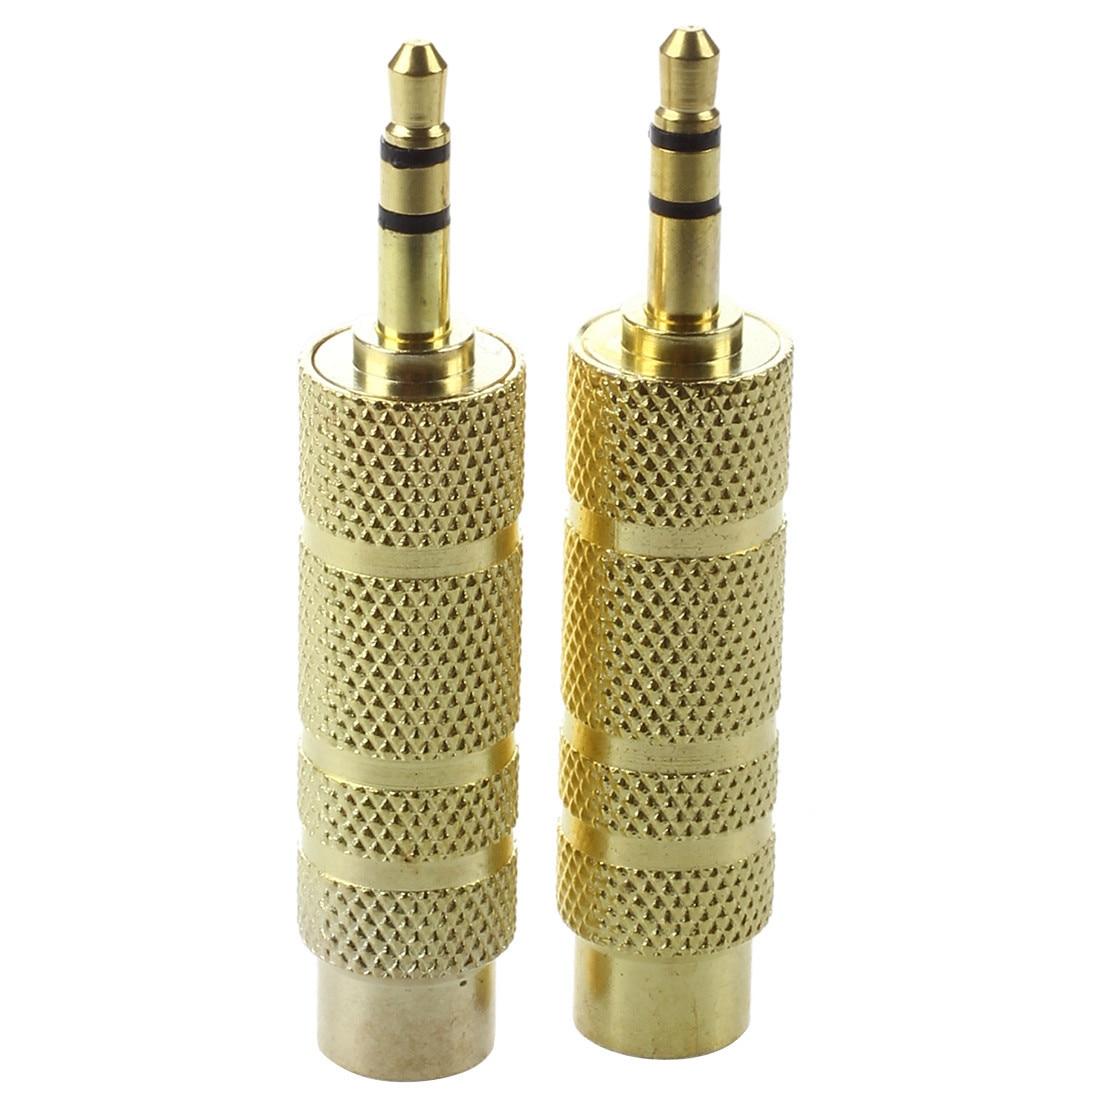 Offizielle Website 2 Pcs Gold Überzogene 3,5mm Stereo Stecker Auf 6,3mm Audio Mono Weibliche Adapter äSthetisches Aussehen Tragbares Audio & Video